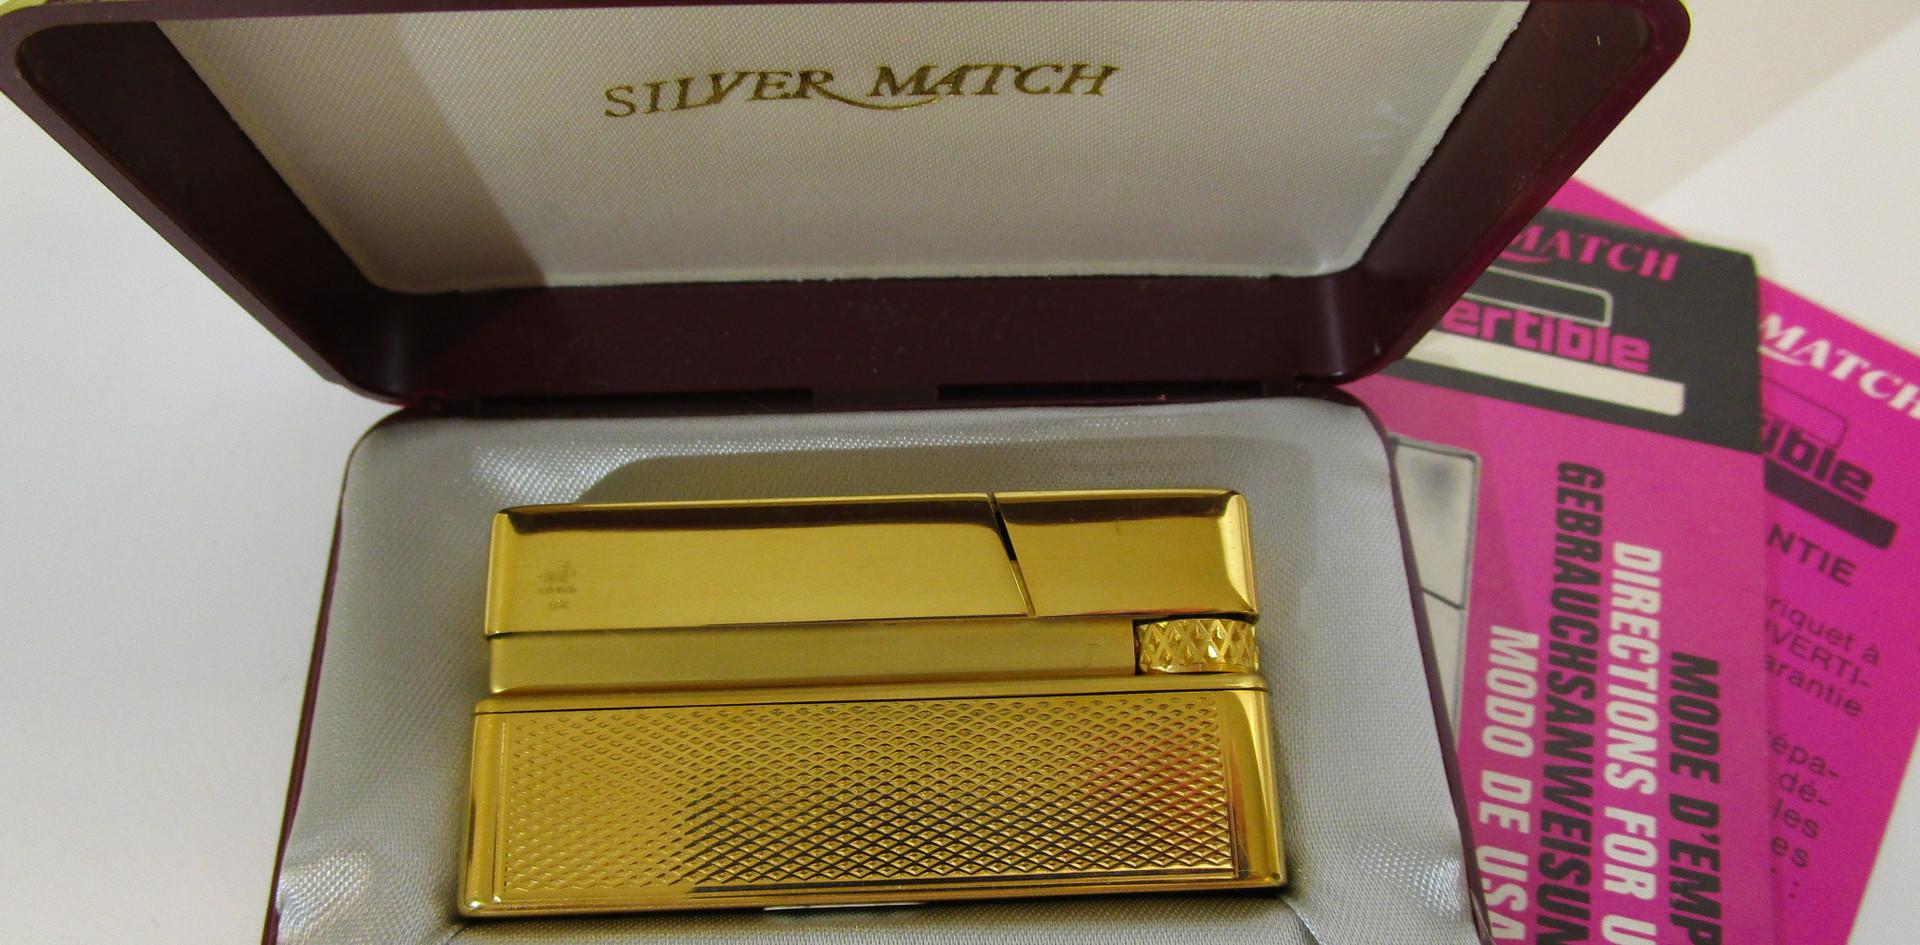 Silver Match Lighter